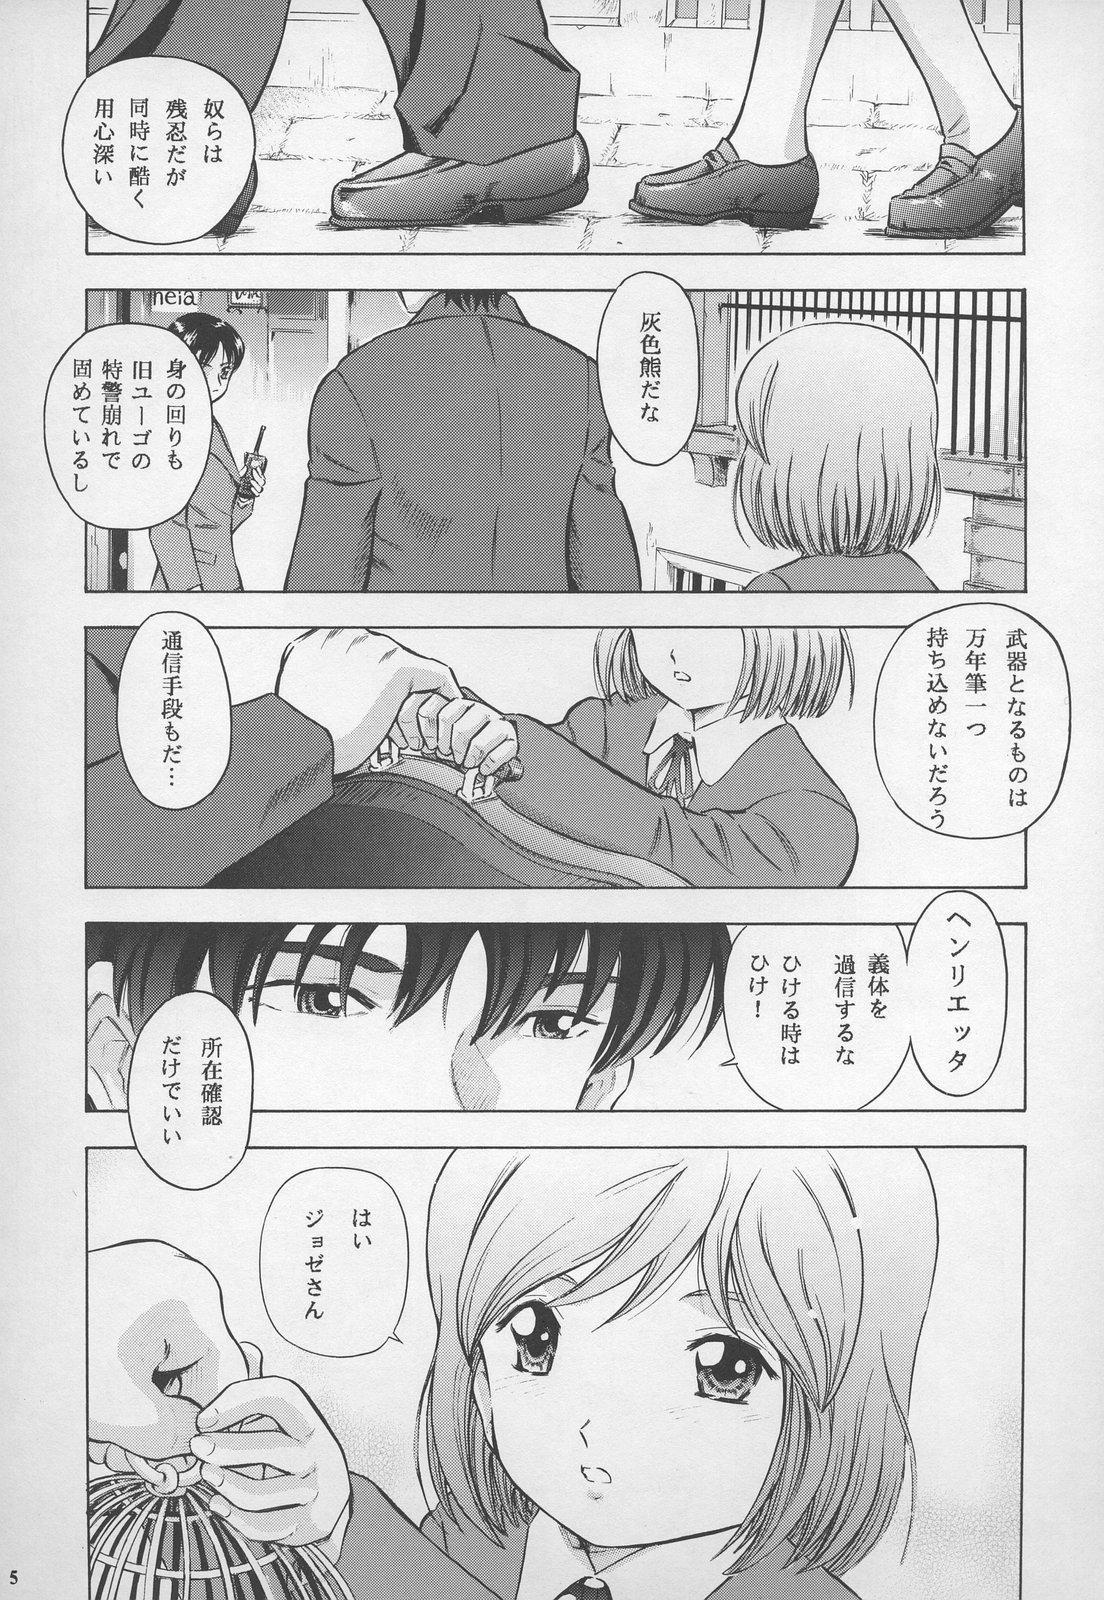 Minagoroshi no Tenshi 4